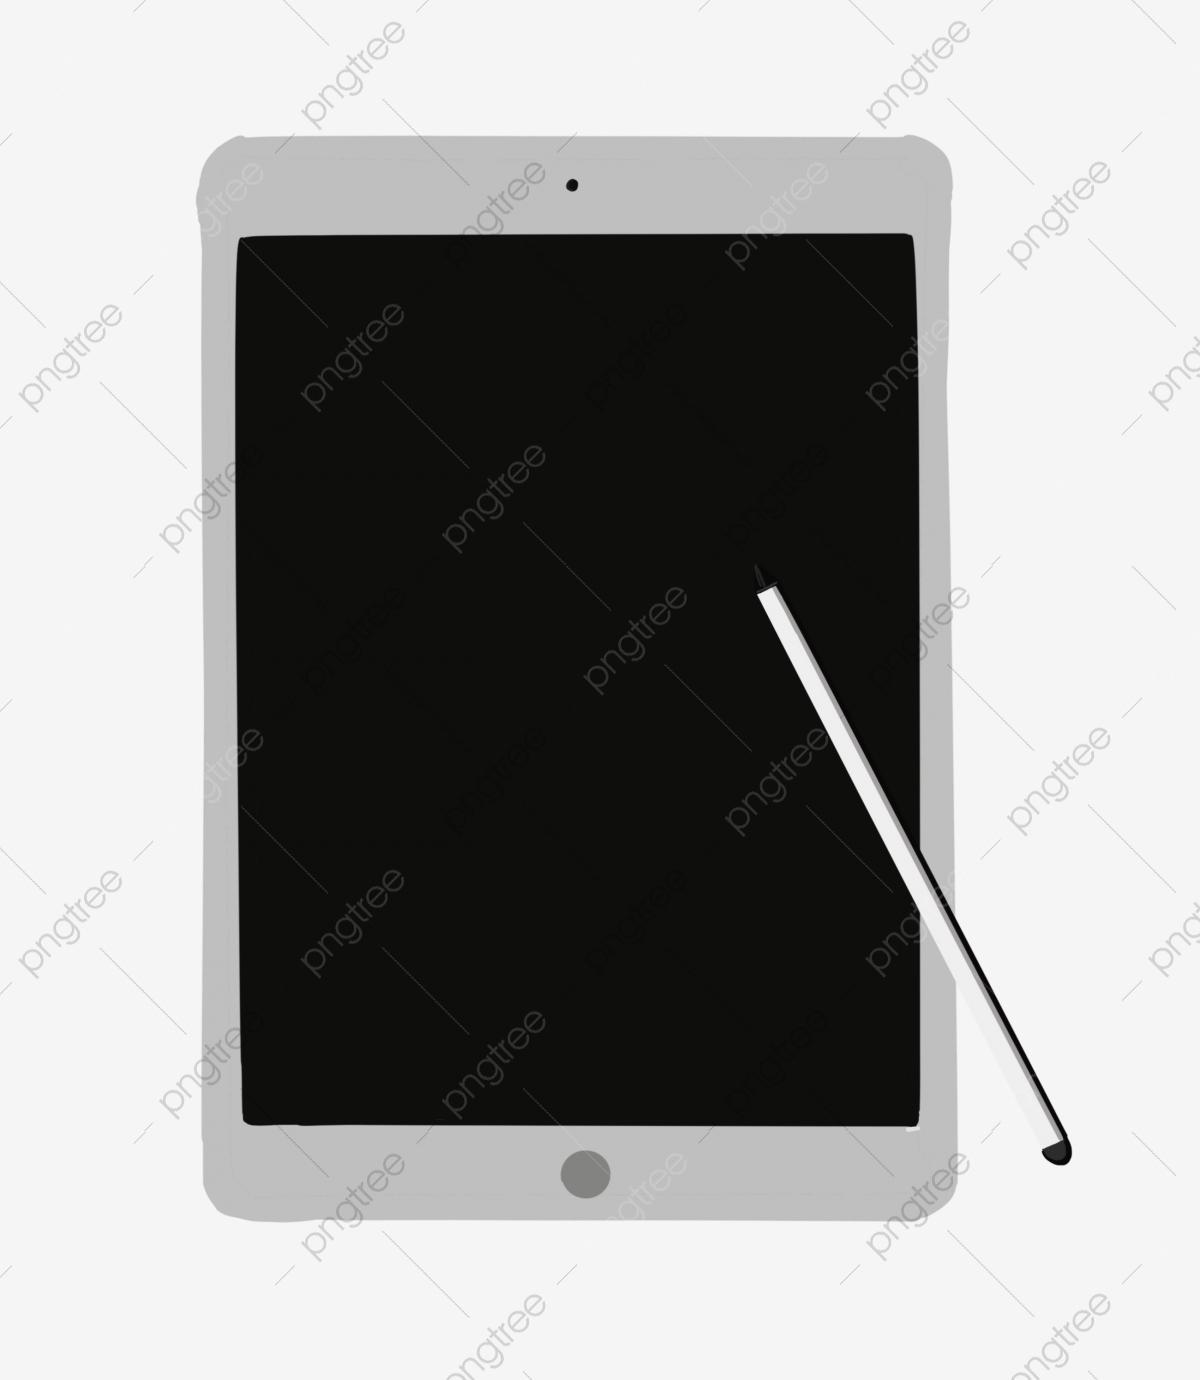 Tablette Stylo Électronique Fournitures De Bureau Tablette concernant Puzzle Gratuit A Telecharger Pour Tablette